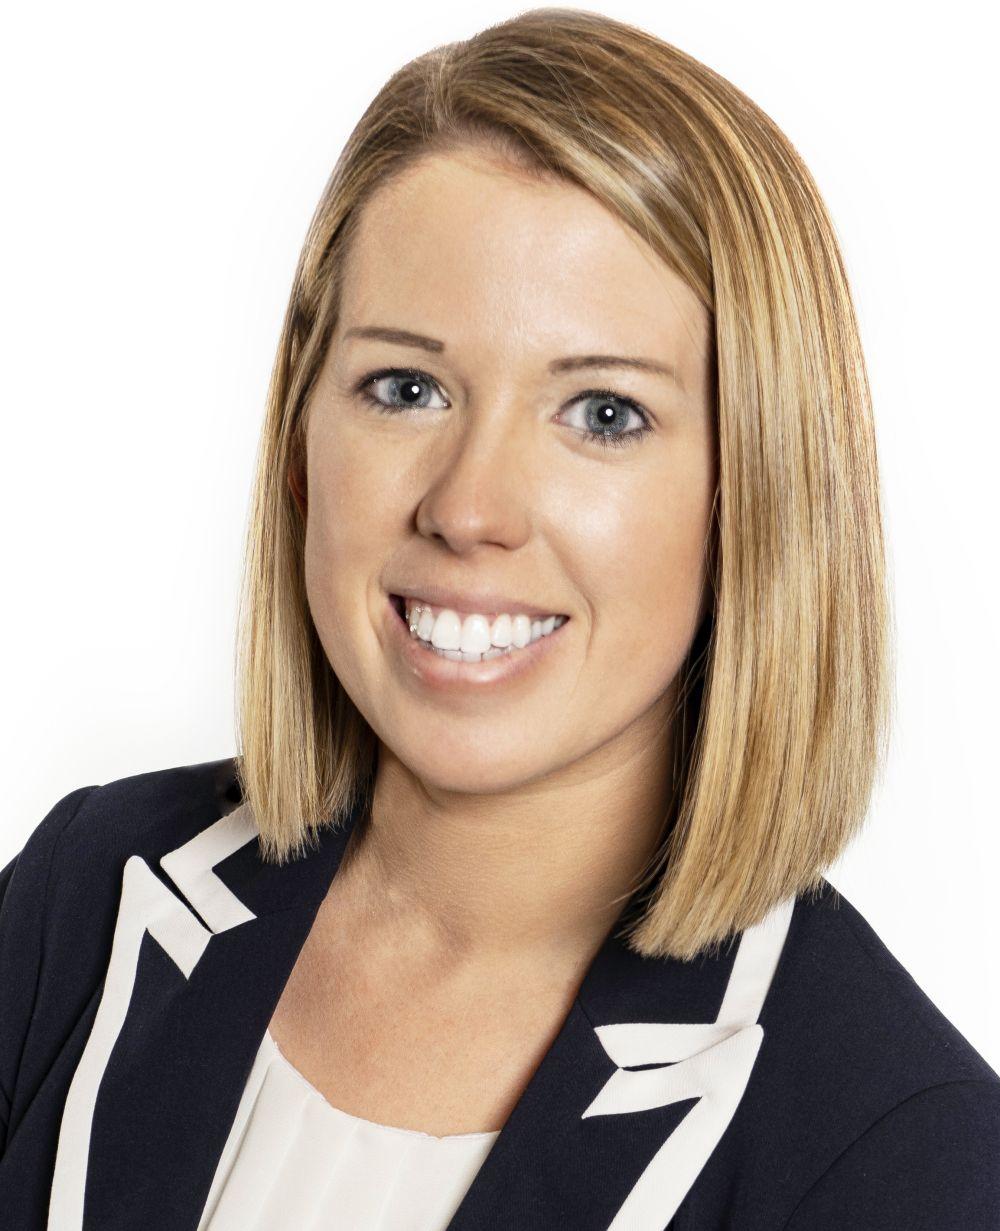 Kaitlyn Wilkins